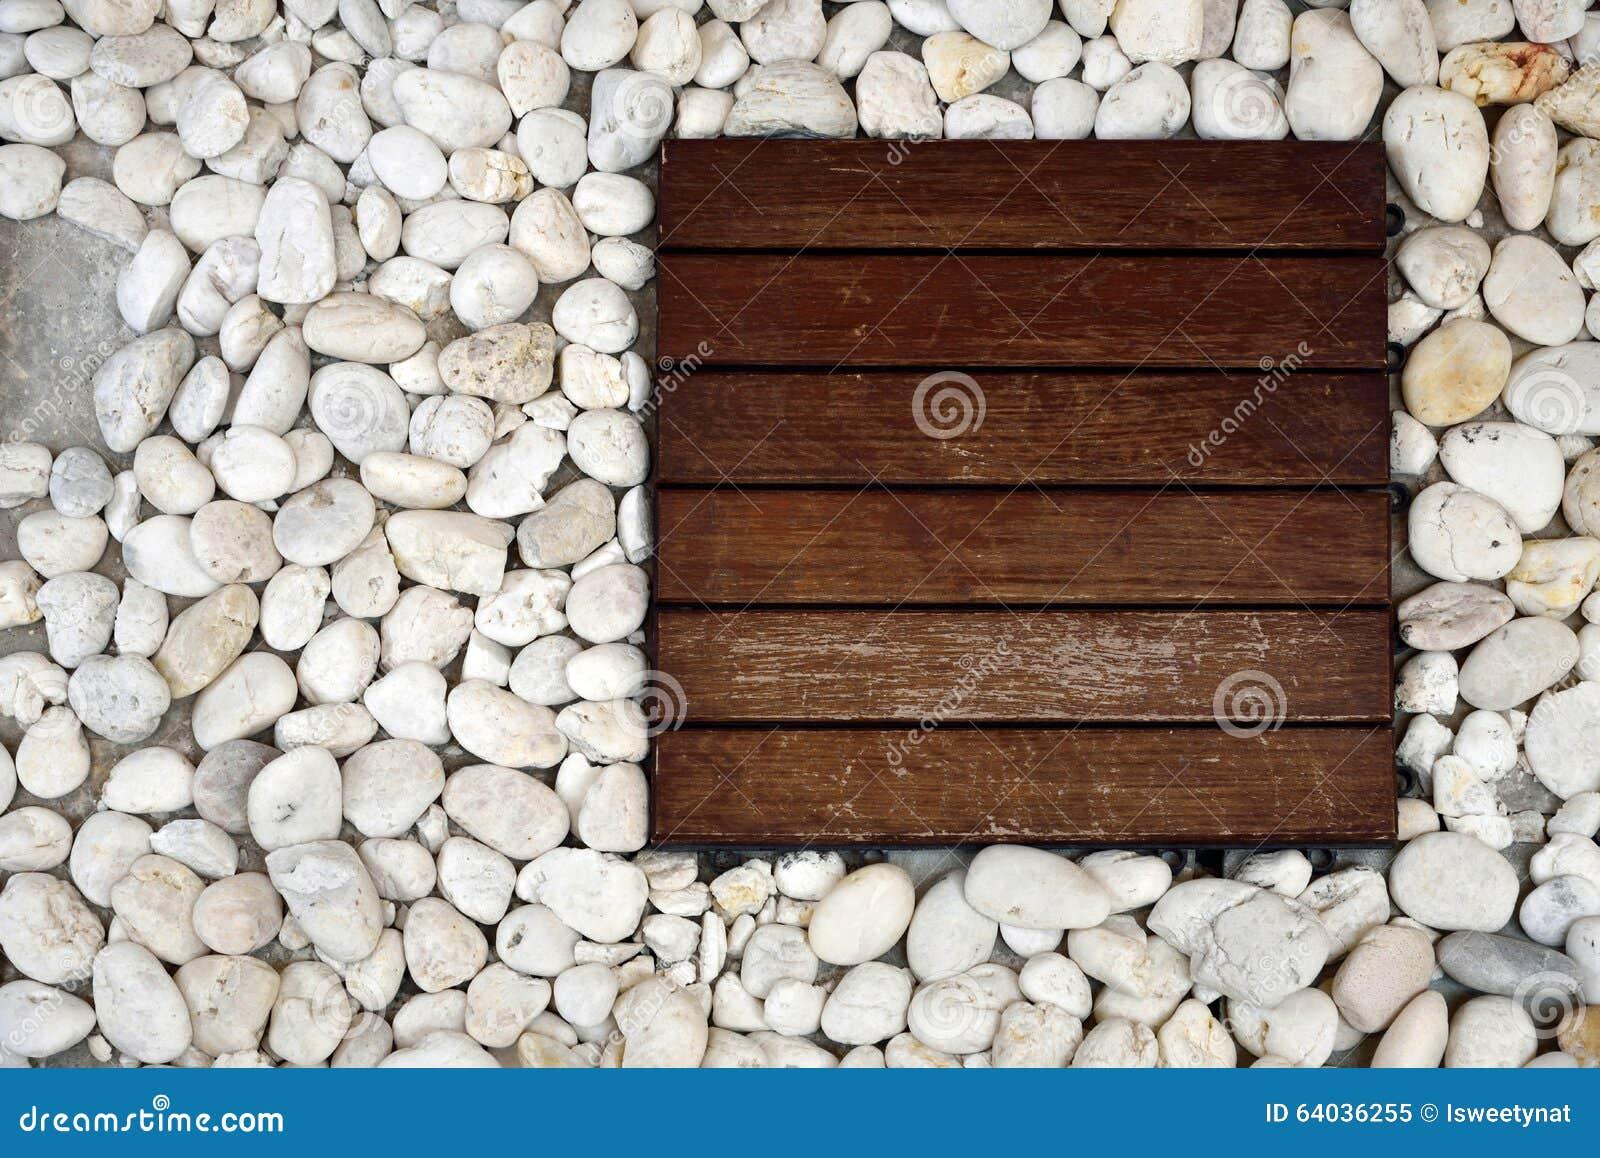 Mattonelle di legno e ciottoli bianchi immagine stock for Ciottoli bianchi